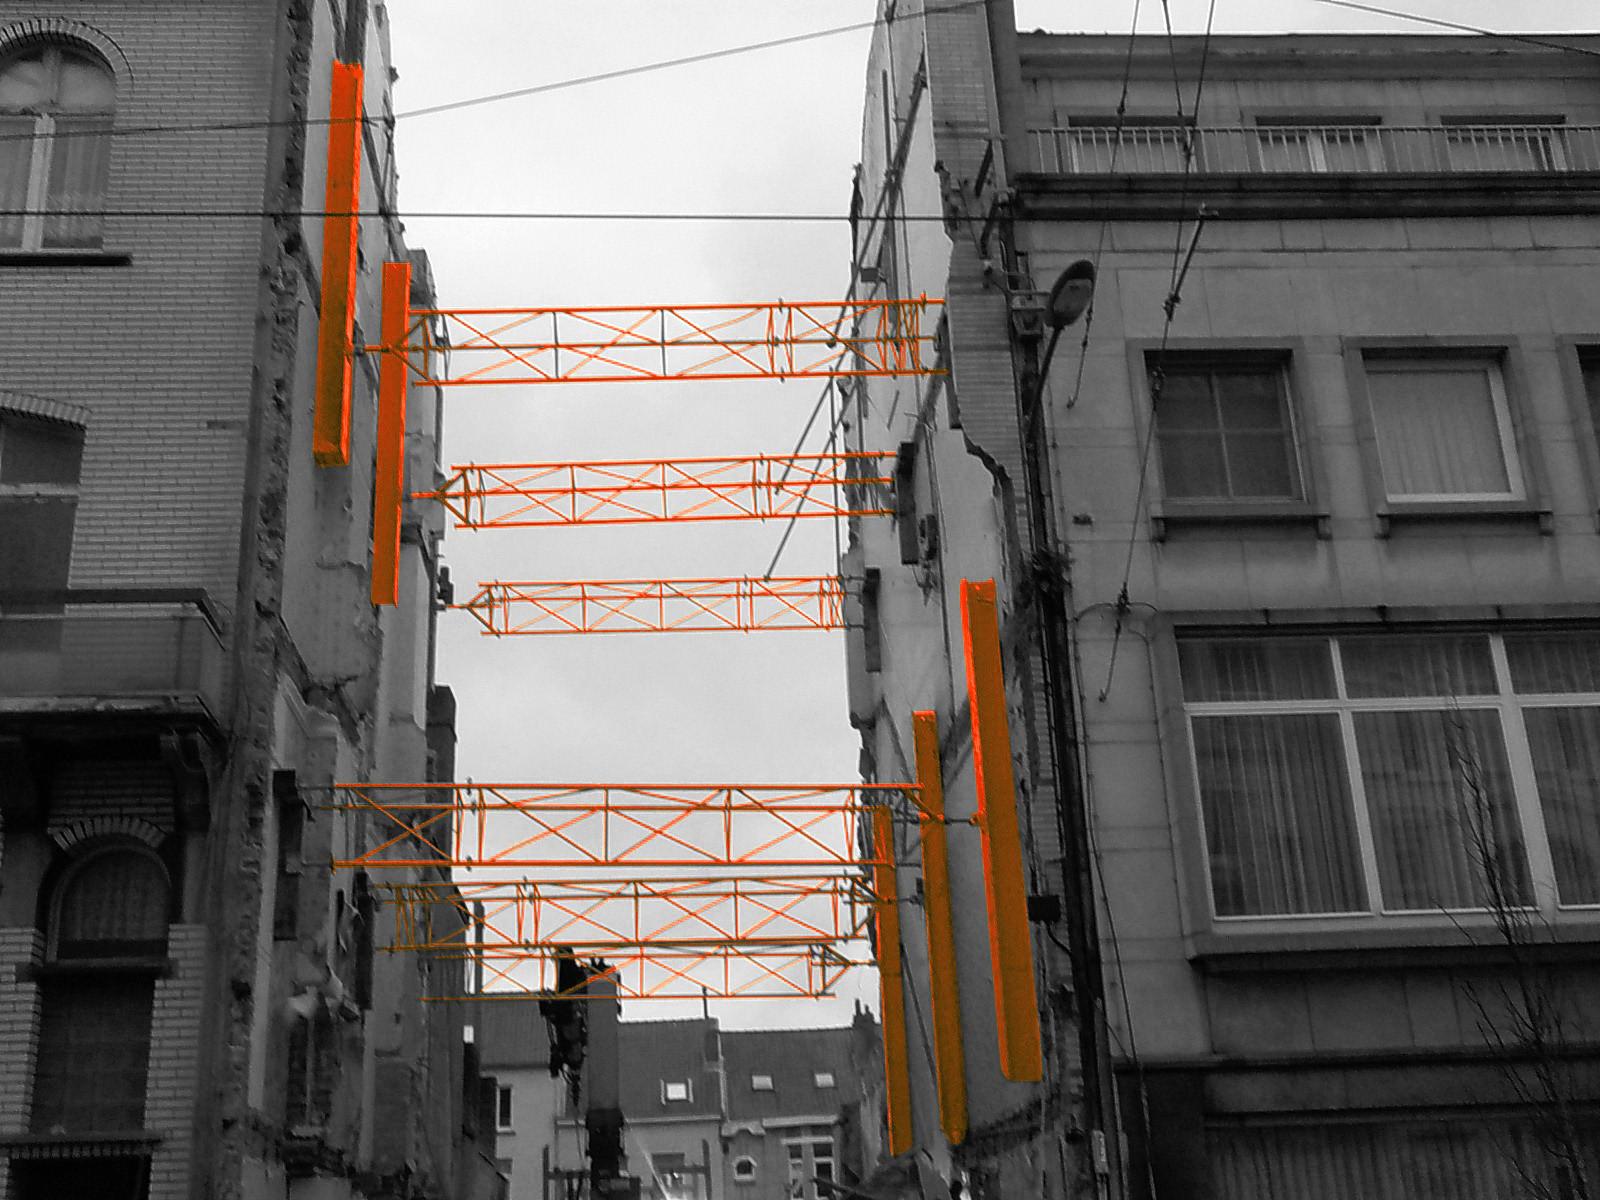 _1.hoofdfoto - driepuntschoringen kleur_3404x0.jpg